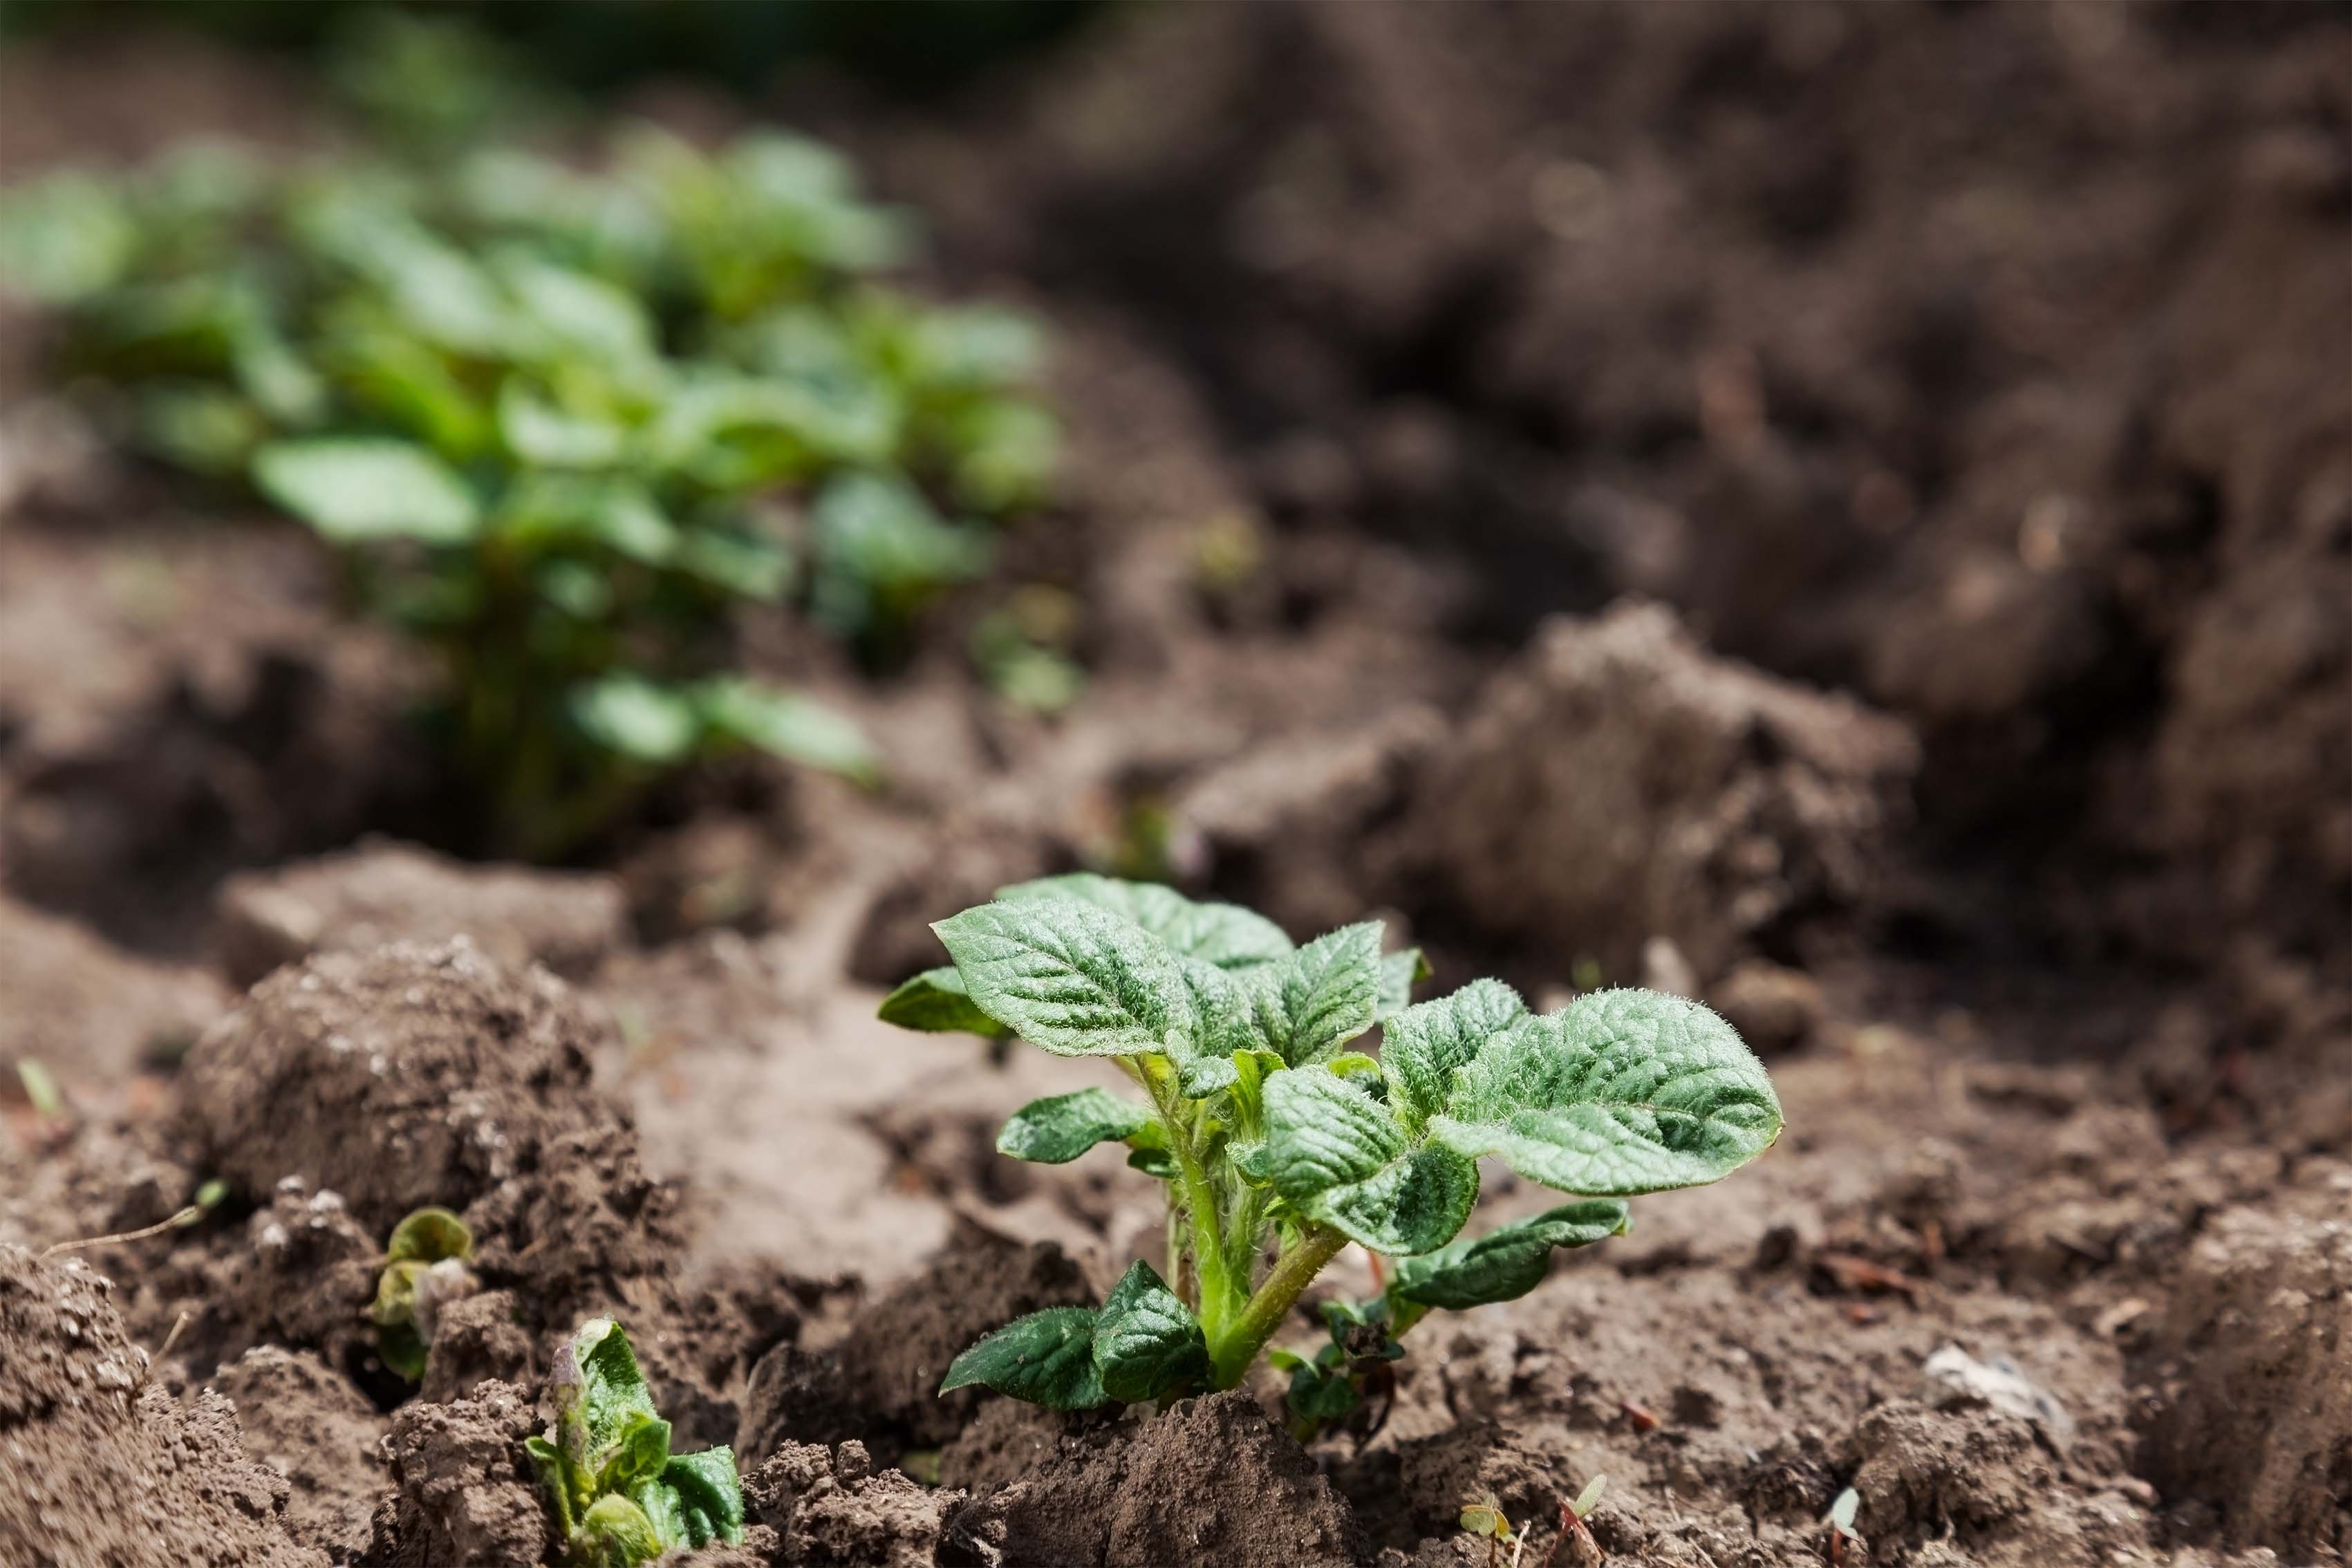 Gemüse anbauen kann manchmal eine wahre Kunst und ein Glücksspiel sein.